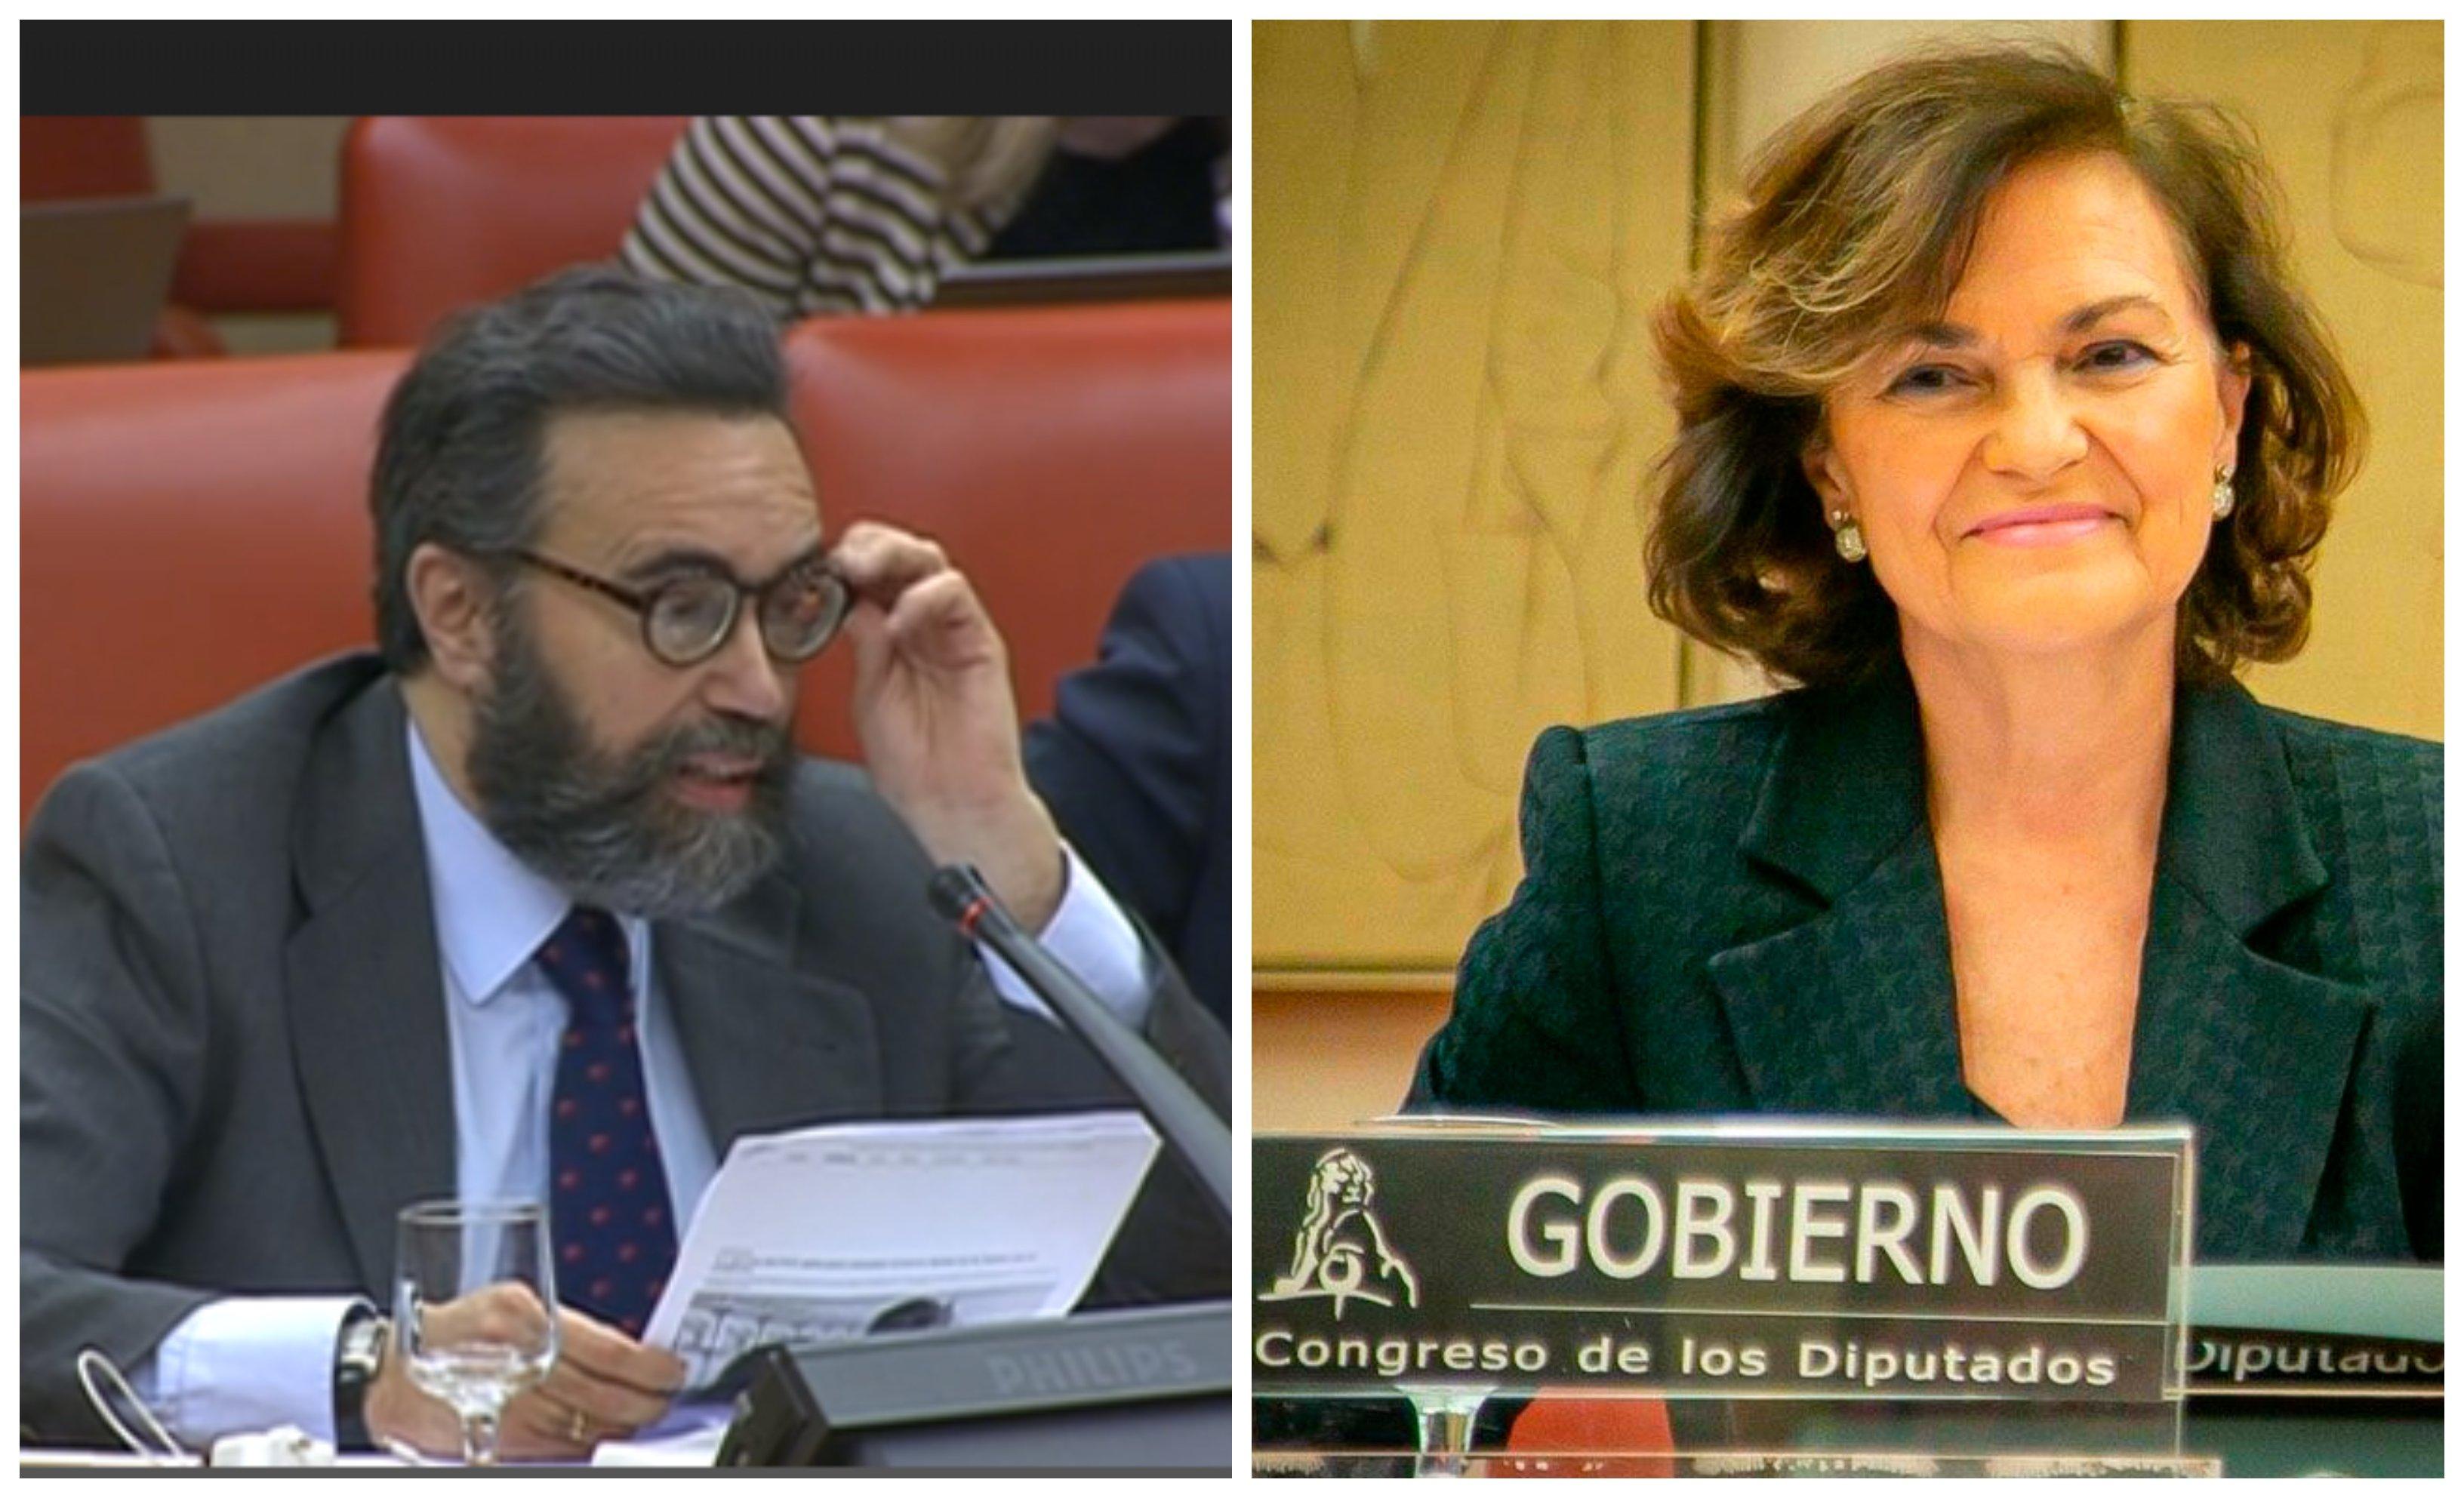 El diputado Sánchez García (Vox) resume el sectarismo cristófobo de Carmen Calvo